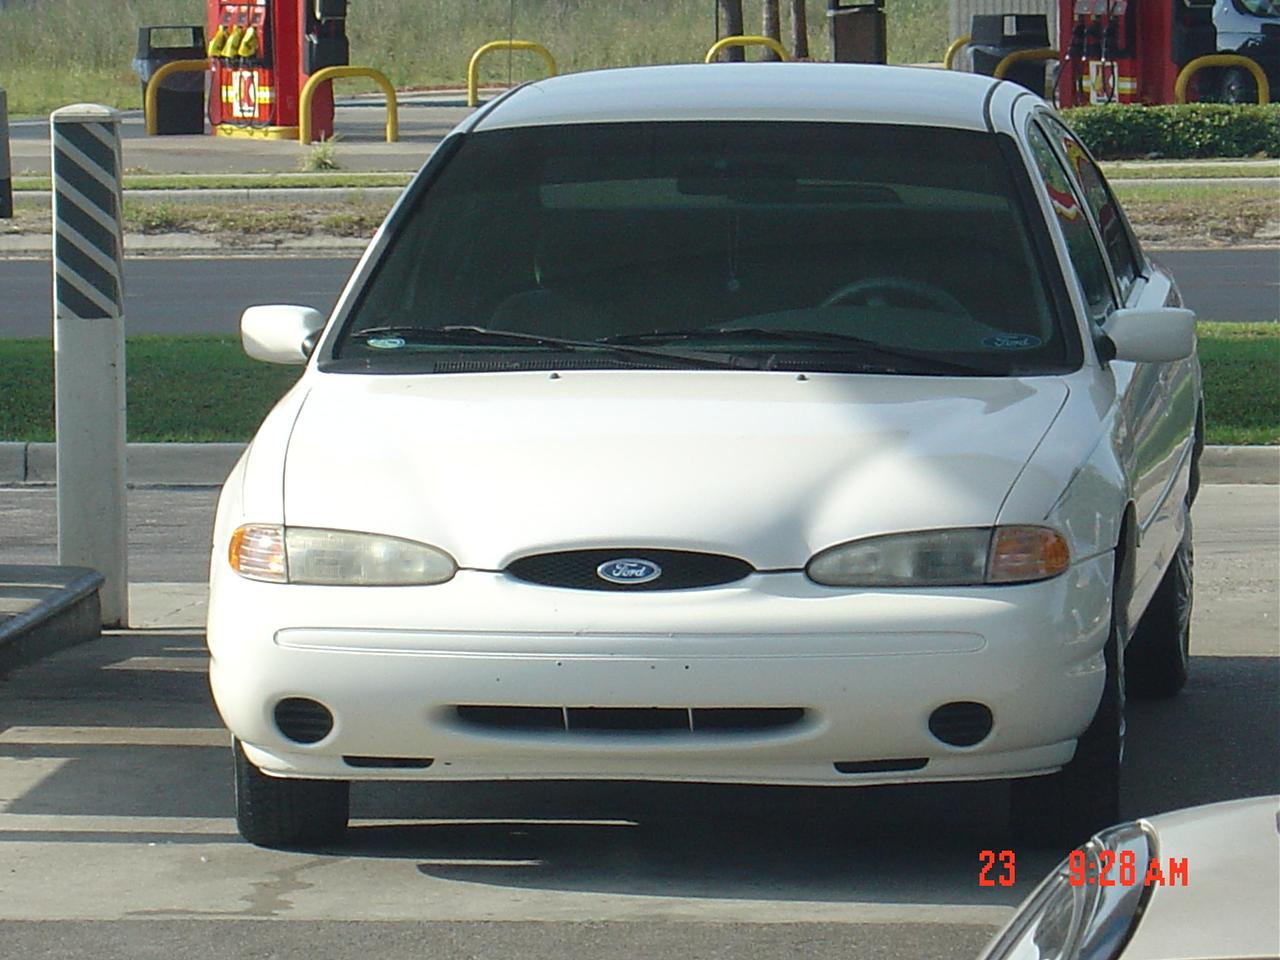 1998 ford contour svt radio wiring diagram dodge ram 2006 car audio pictures